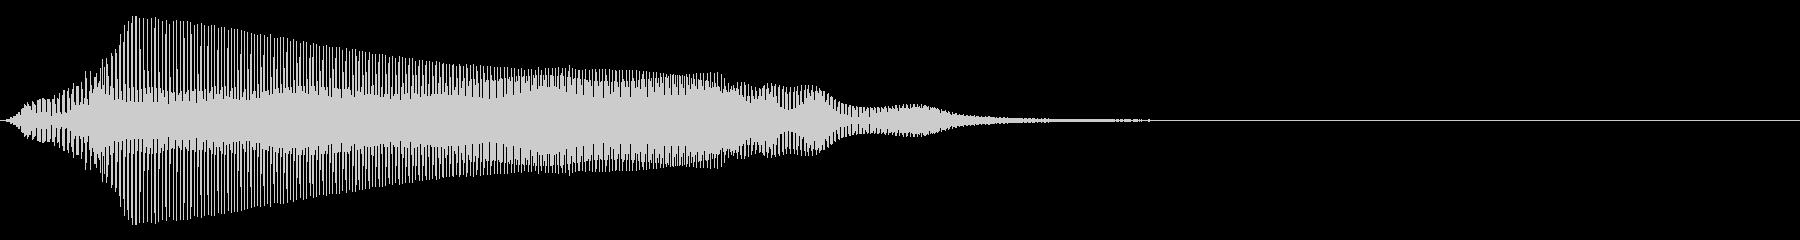 猫の鳴き声 1B にゃ~おの未再生の波形